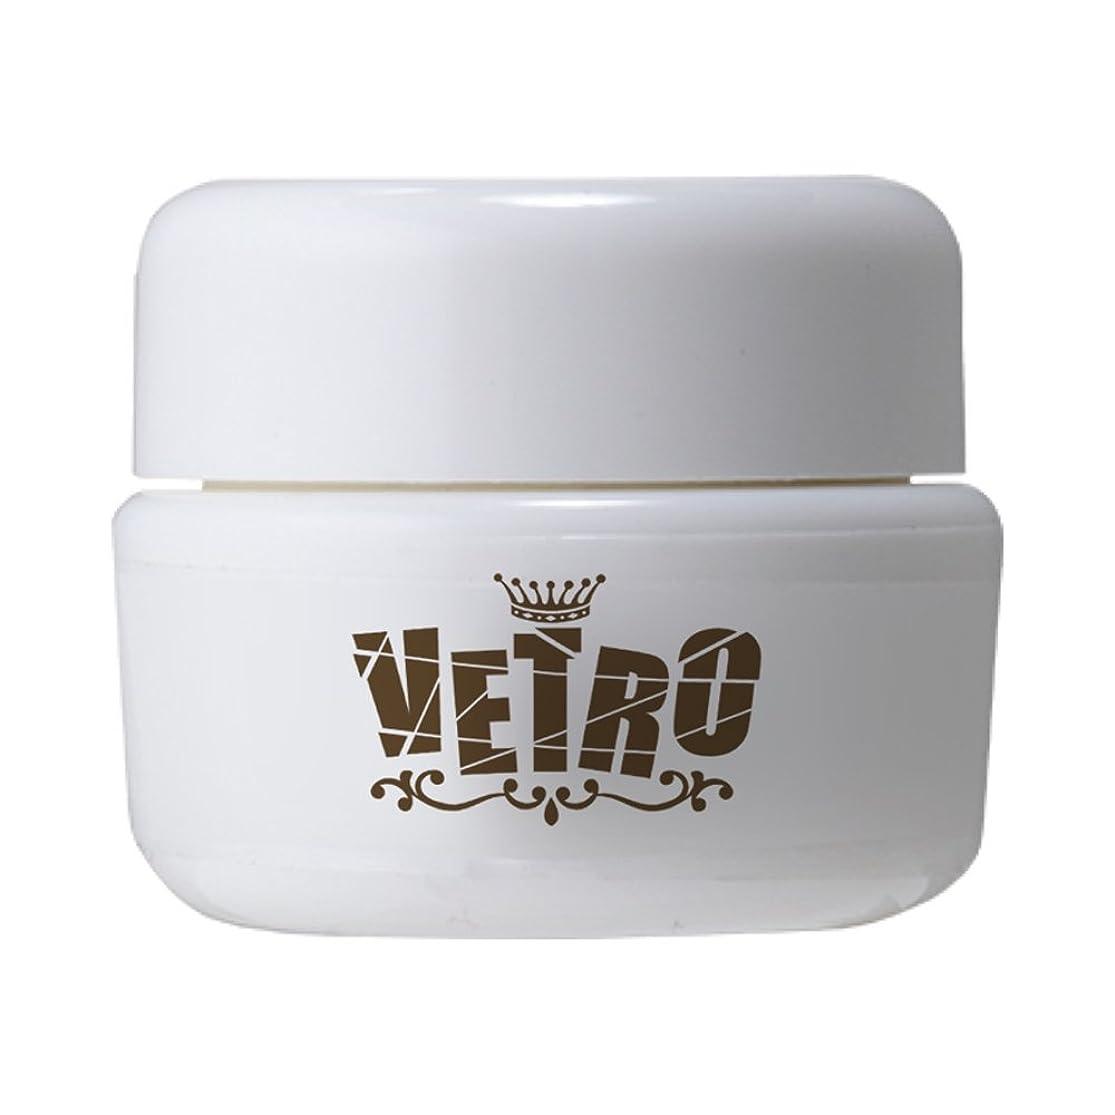 夜間謝る所有権VETRO No.19 カラージェル シアー VL212 ミルキーホワイト 4ml